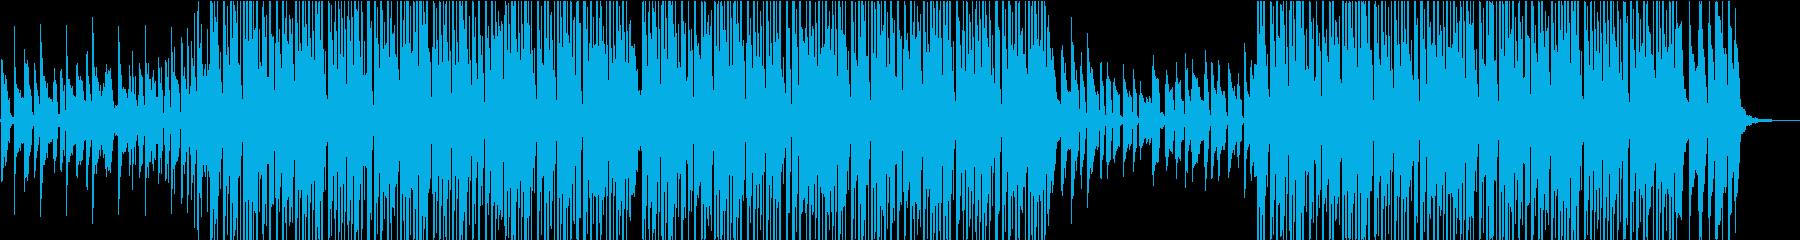 チュートリアル動画向け朗らかヒップホップの再生済みの波形